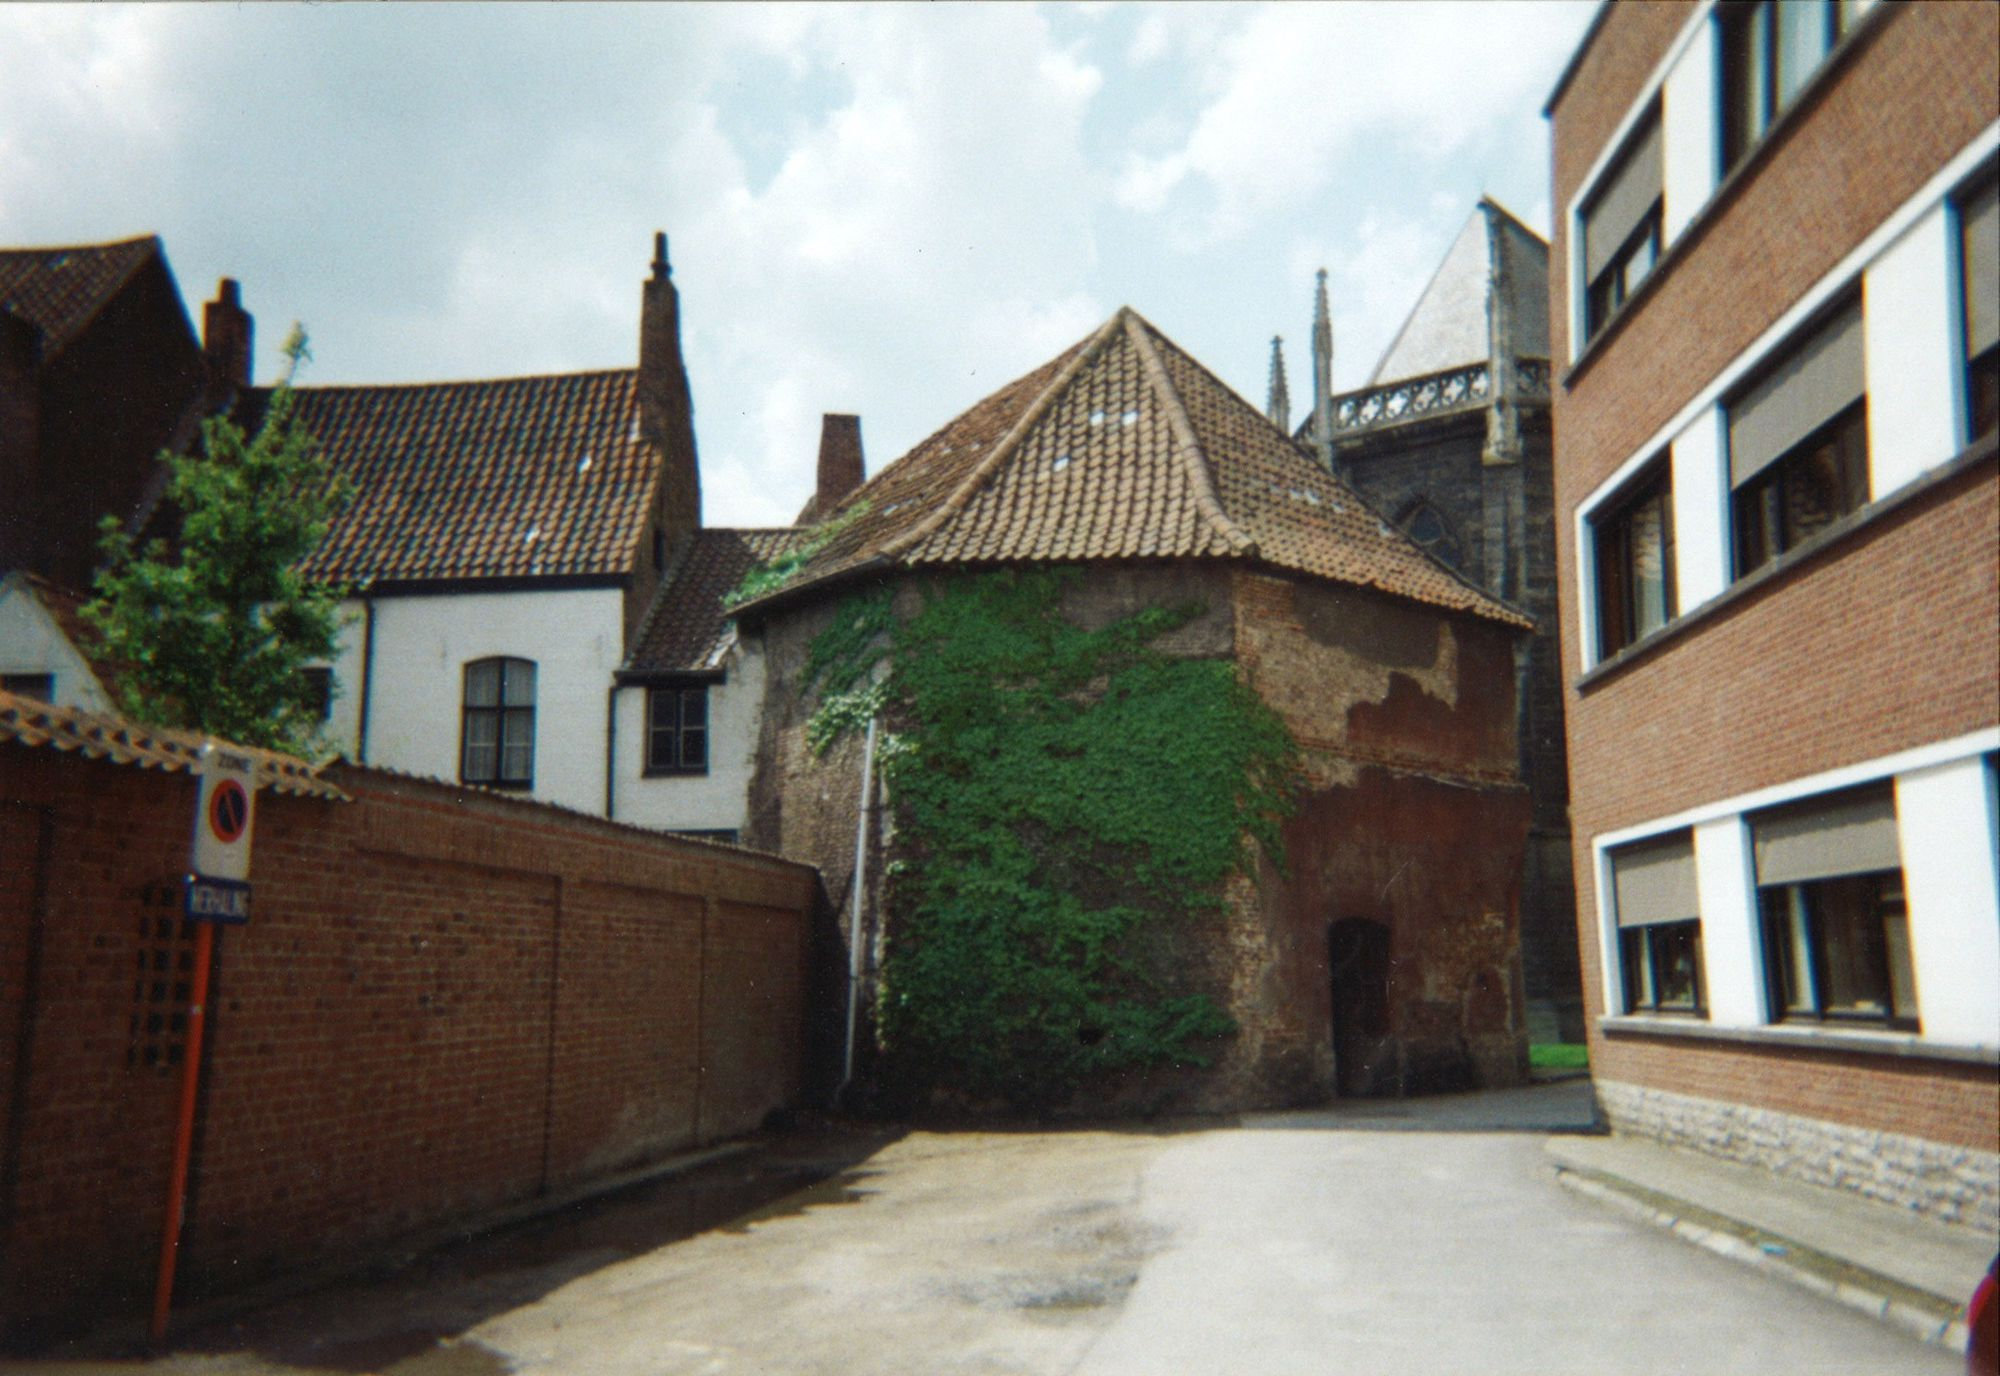 Artillerietoren